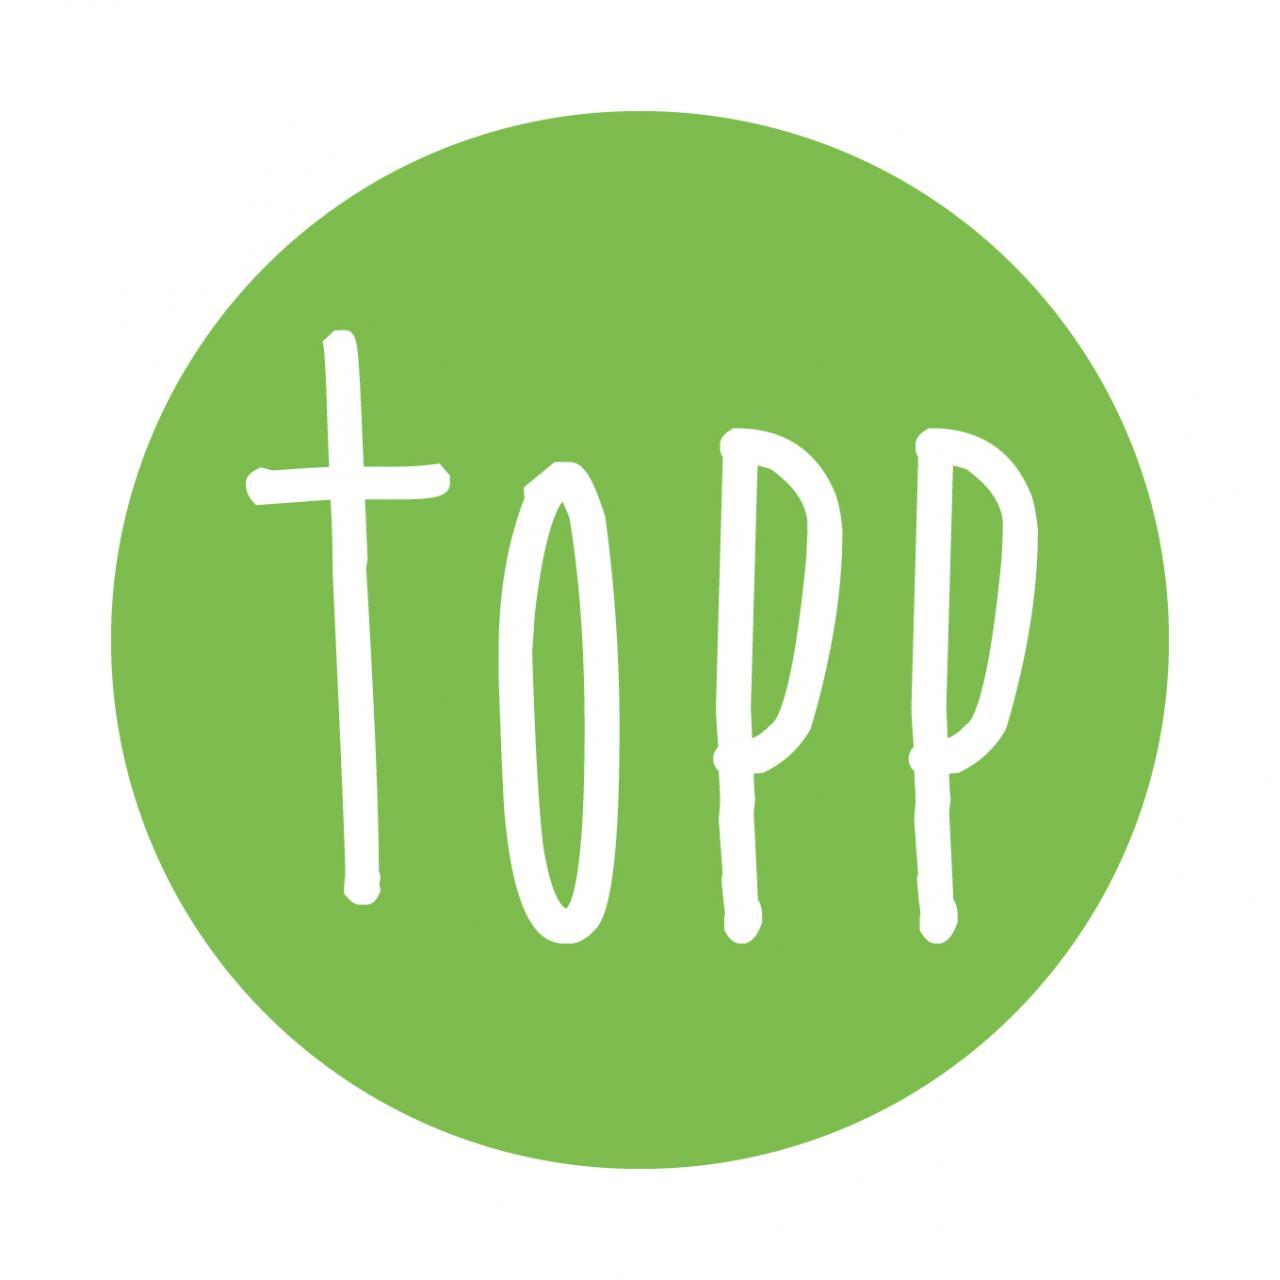 https://oppdal.kirken.no/img/14_01_10_Trosoppplaering/topp_logo_symbol.jpg